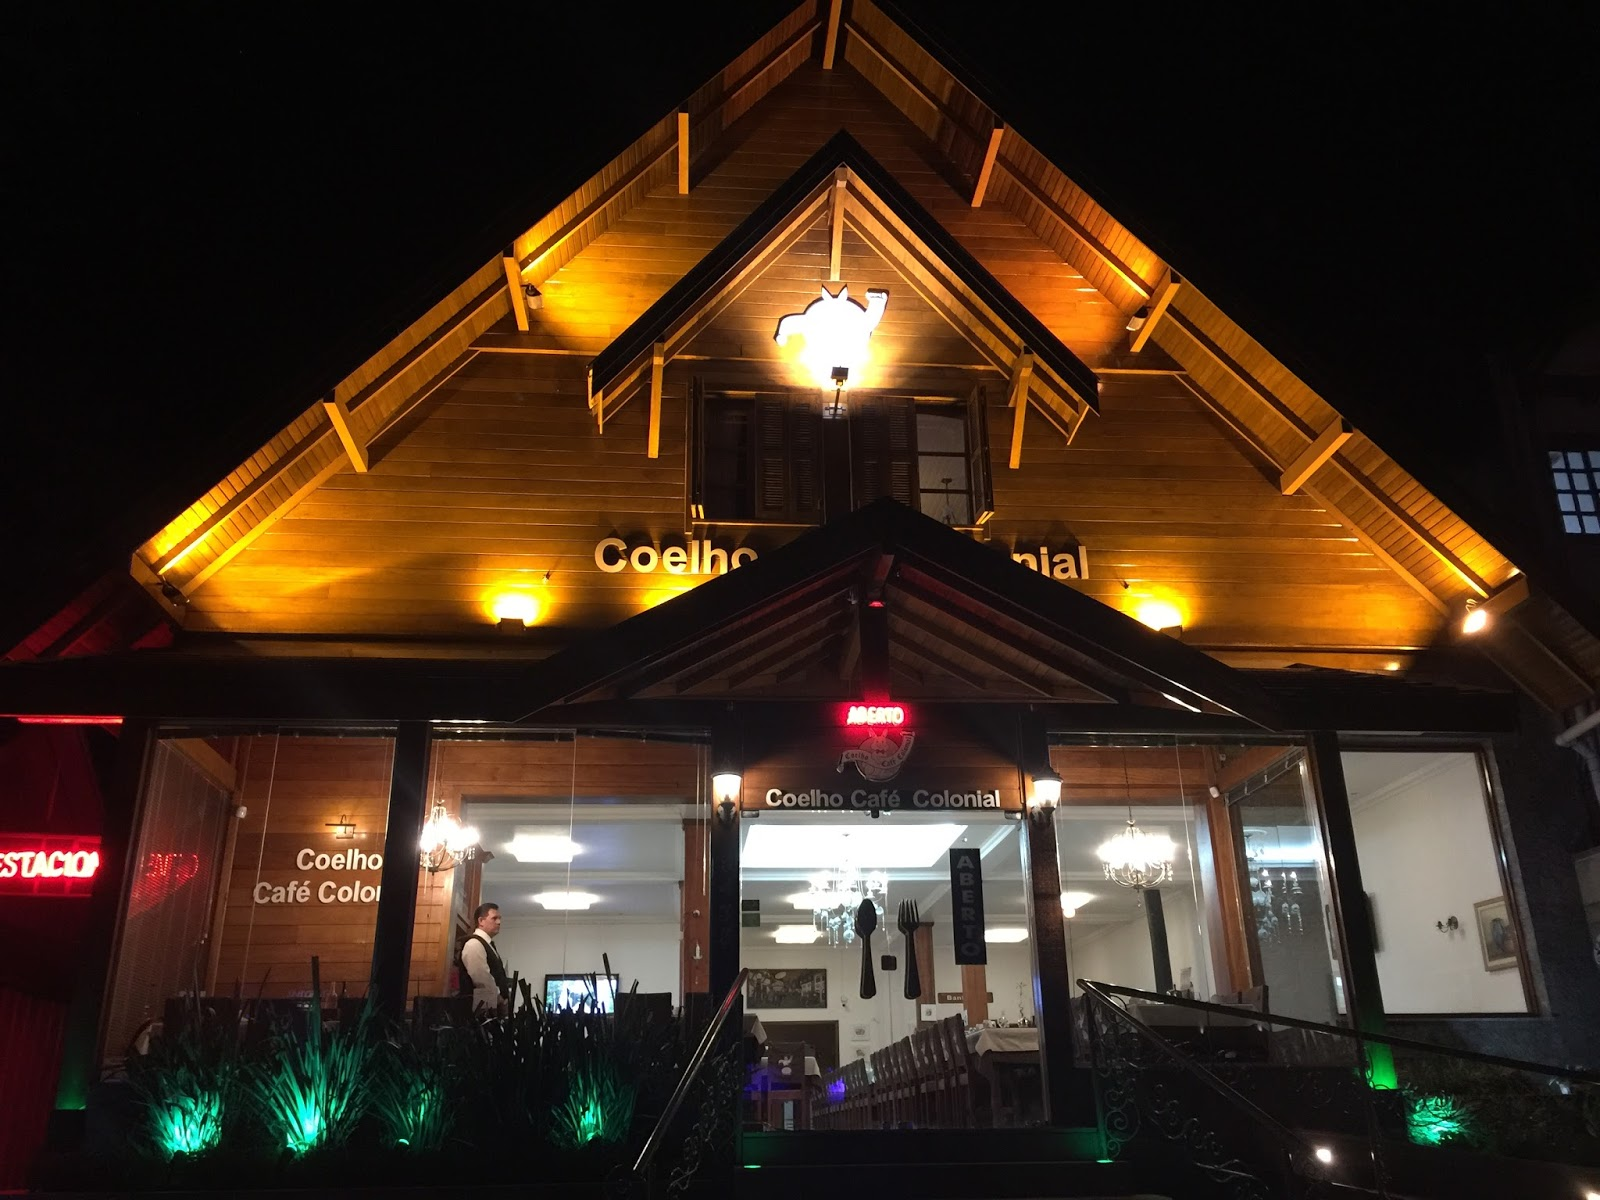 Coelho café colonial